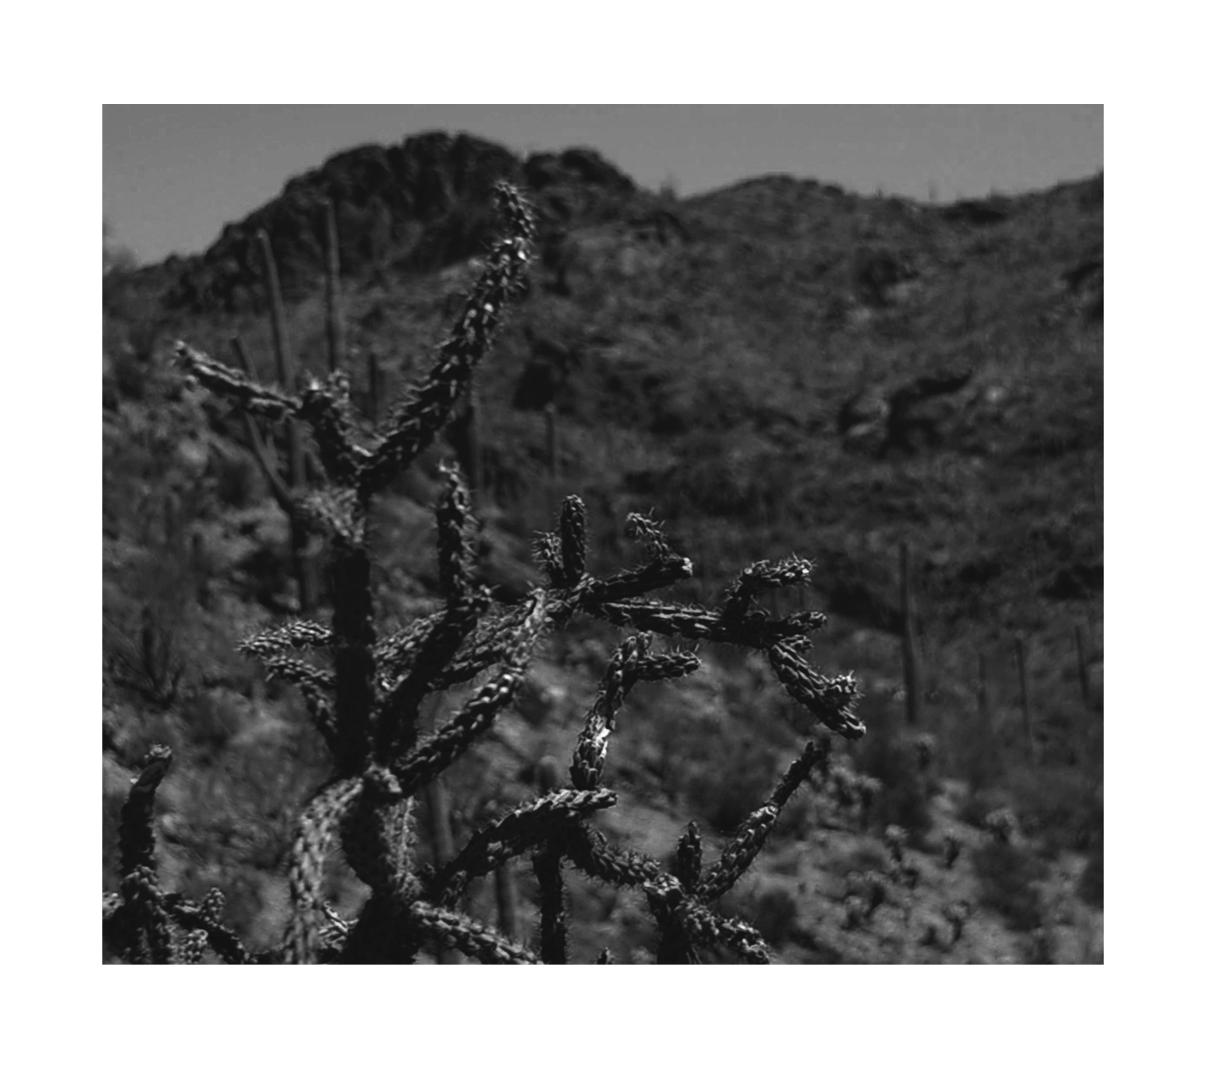 Tucson Mountain Park Cactus